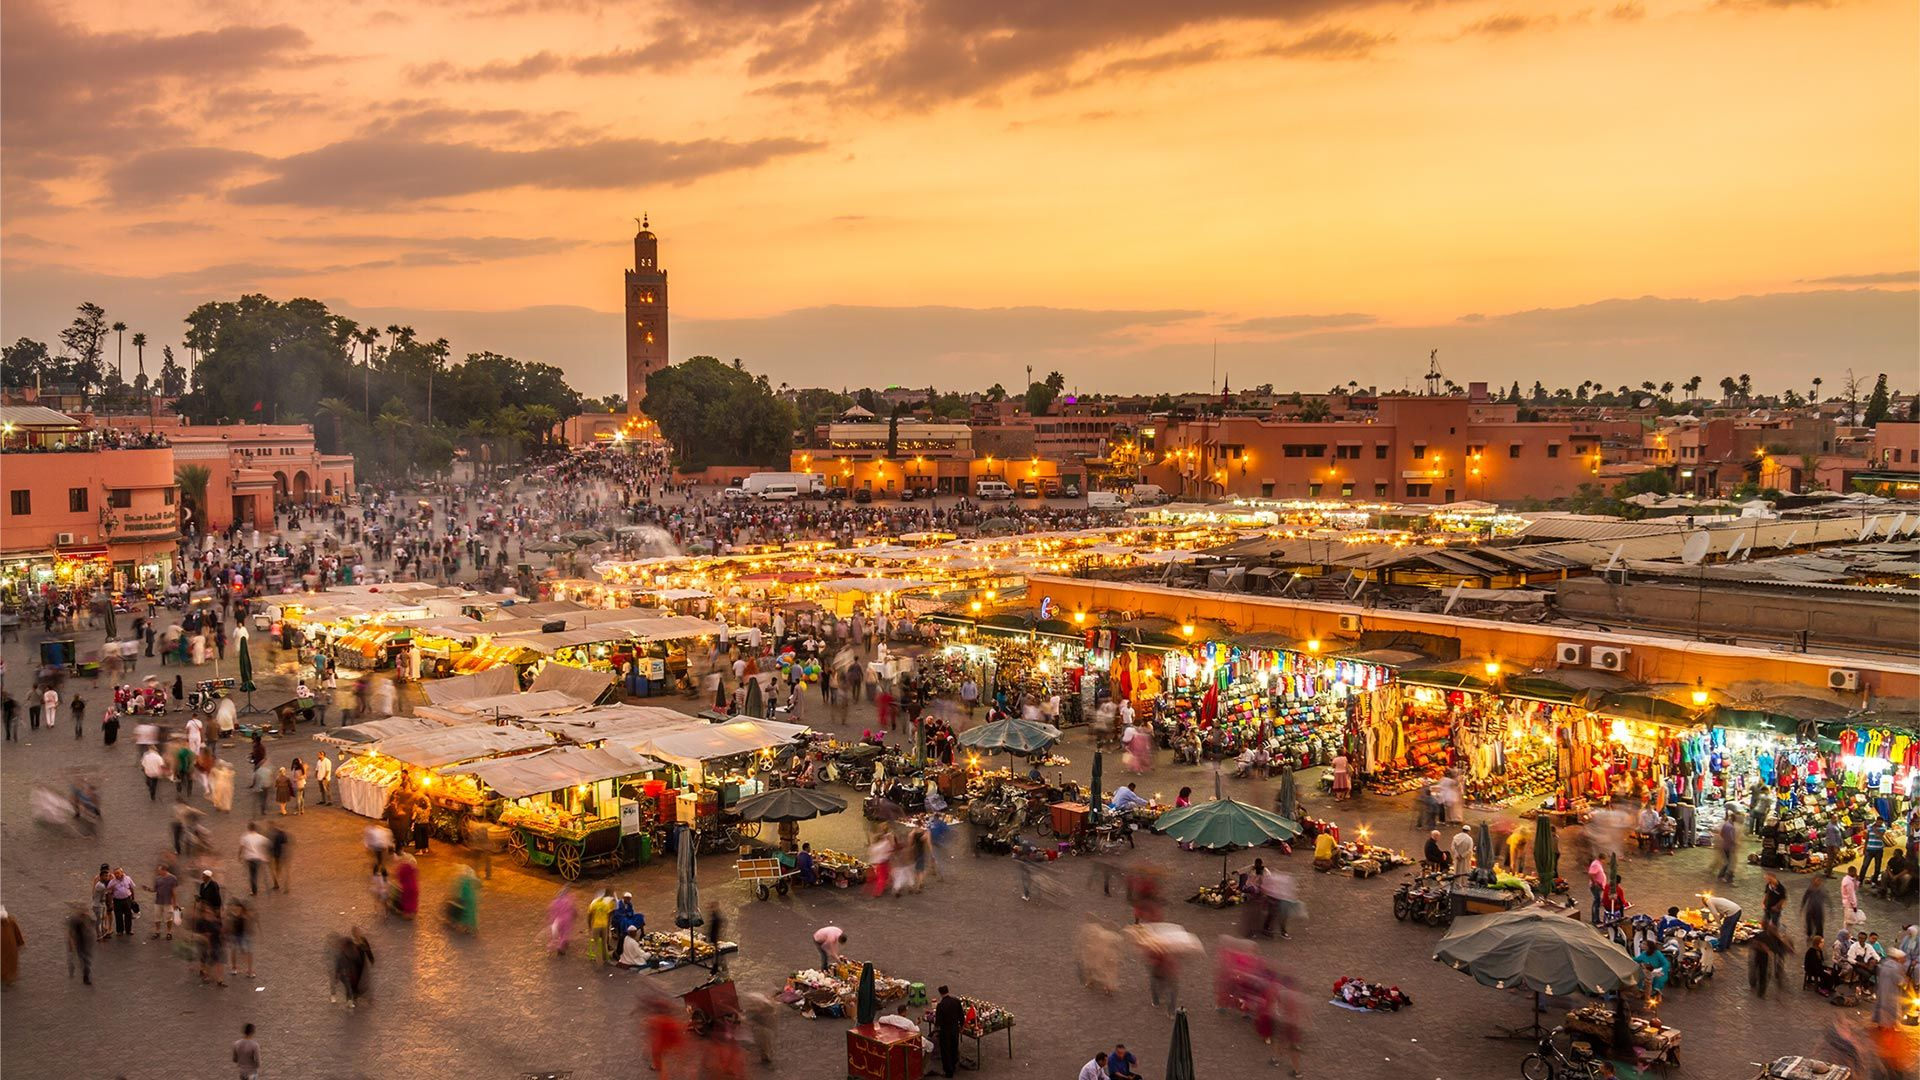 Sejur charter Marrakech & plaja Agadir, 8 zile - martie 2022